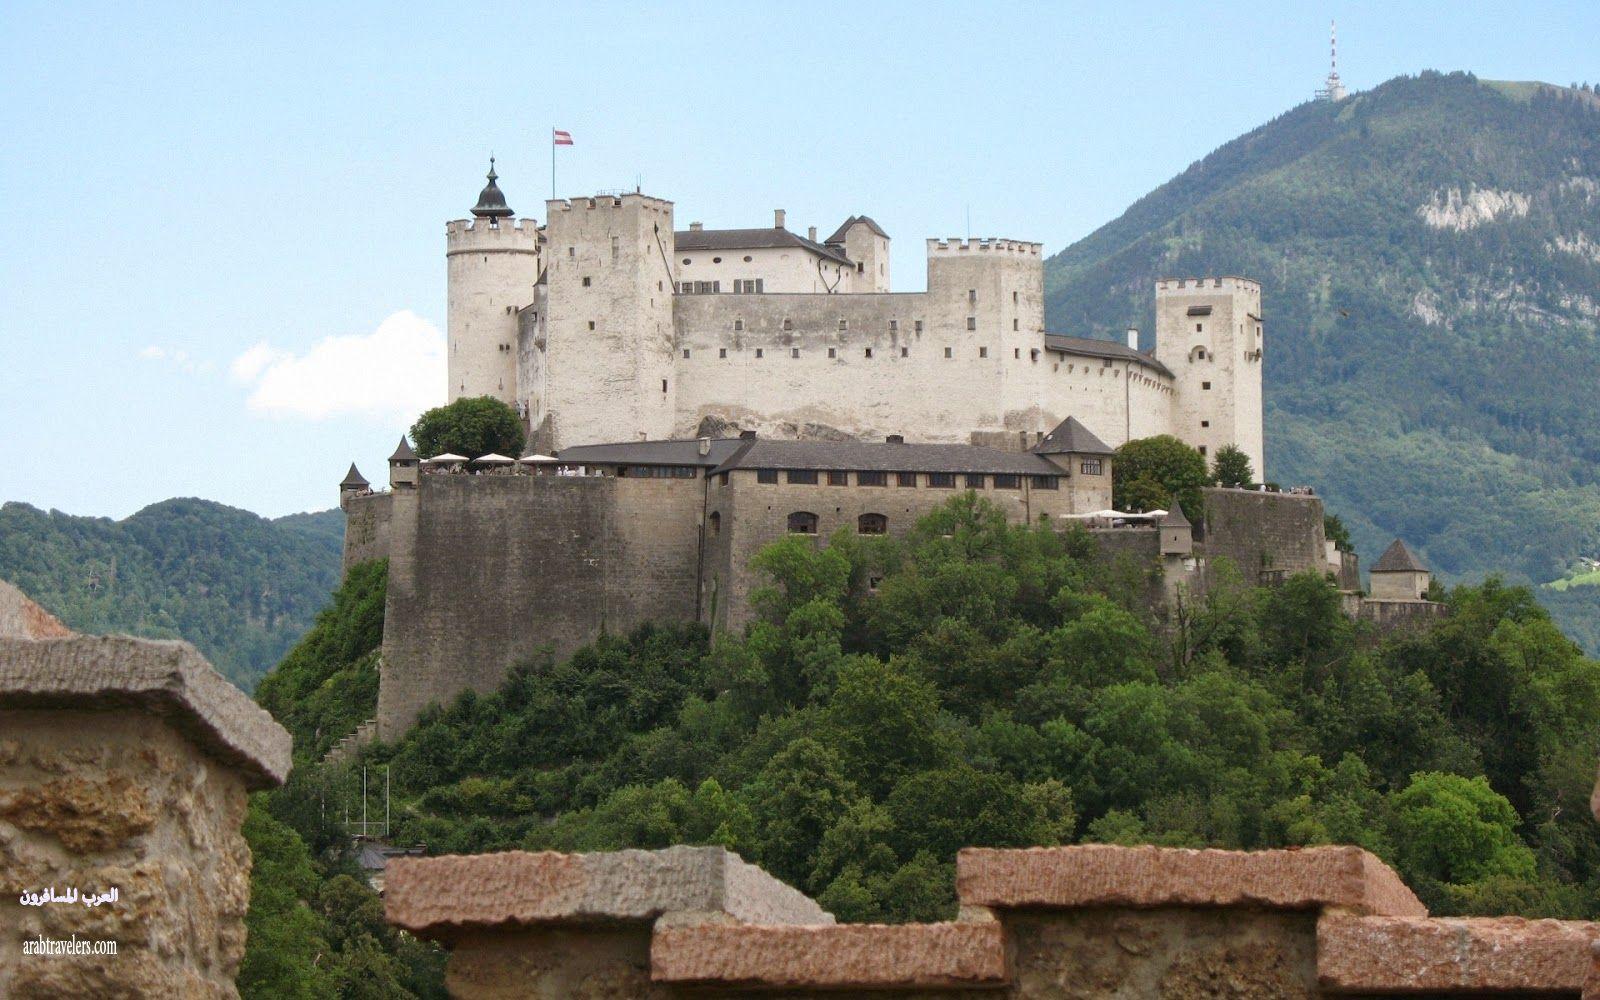 قلعة هوهين سالزبورغ Hohensalzburg Castle ( سياحة النمسا 2015)